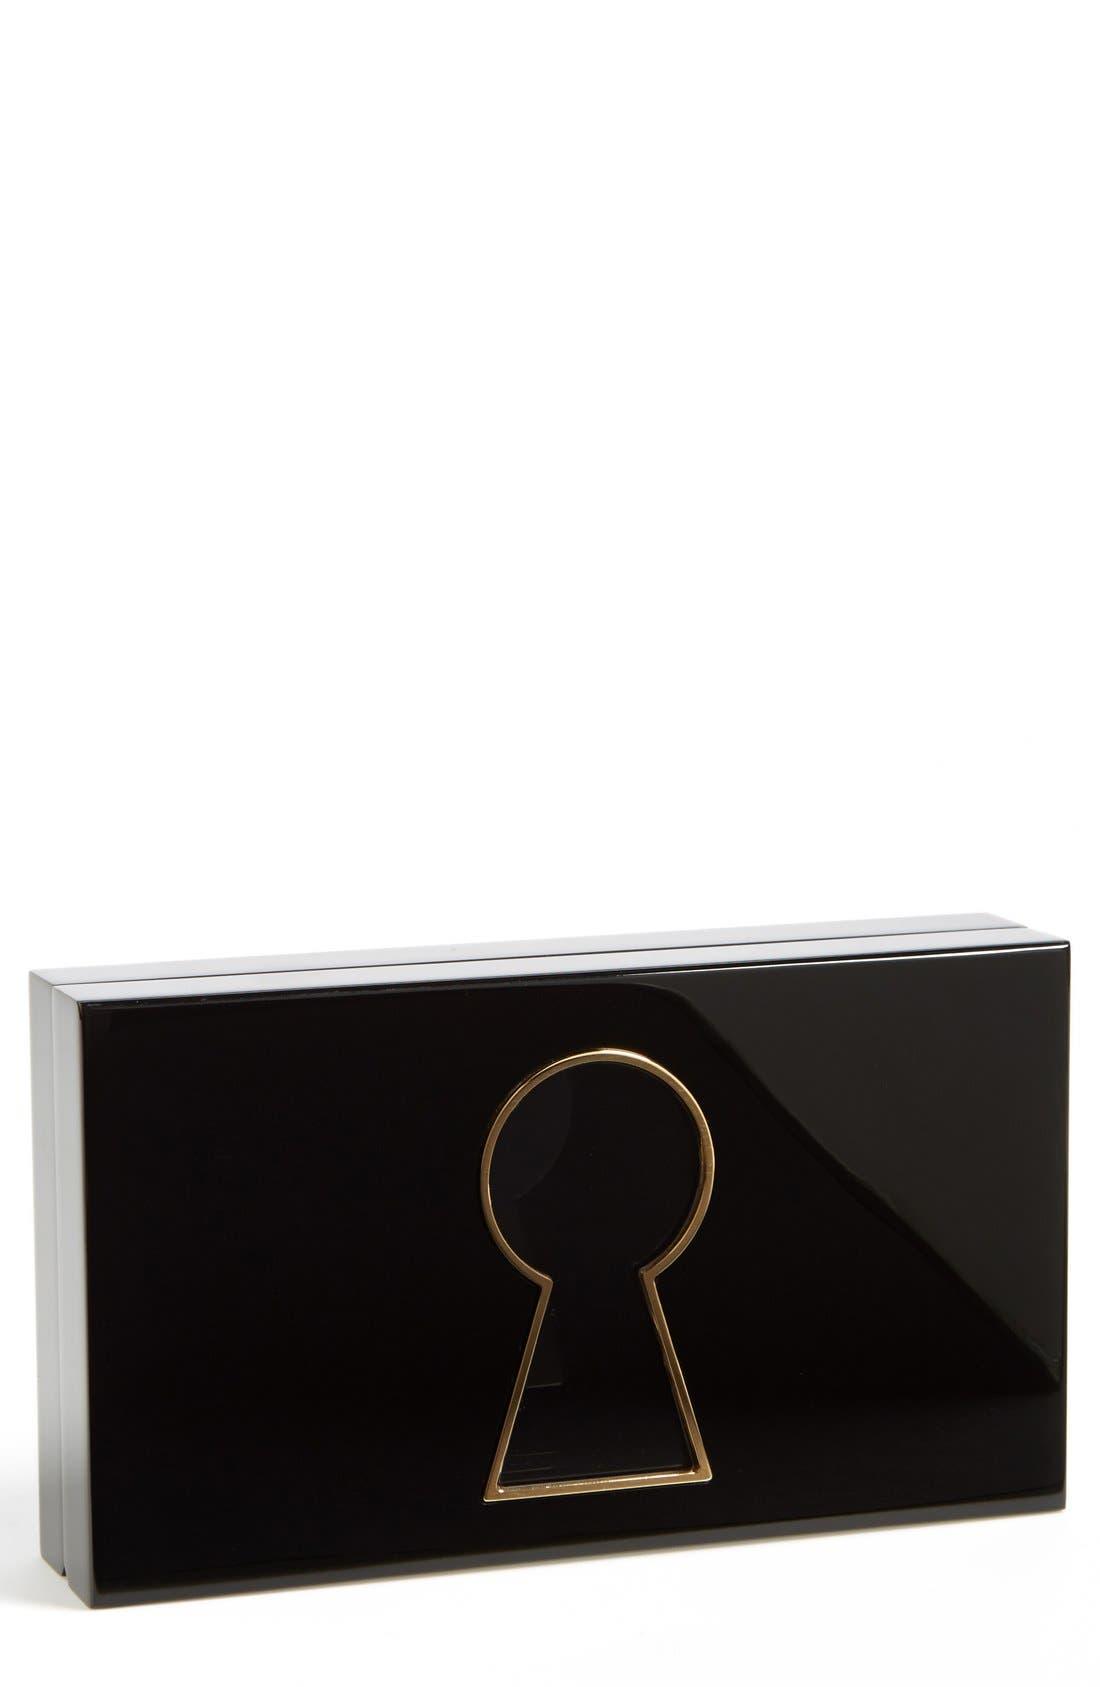 Main Image - Charlotte Olympia 'Keyhole Pandora' Clutch